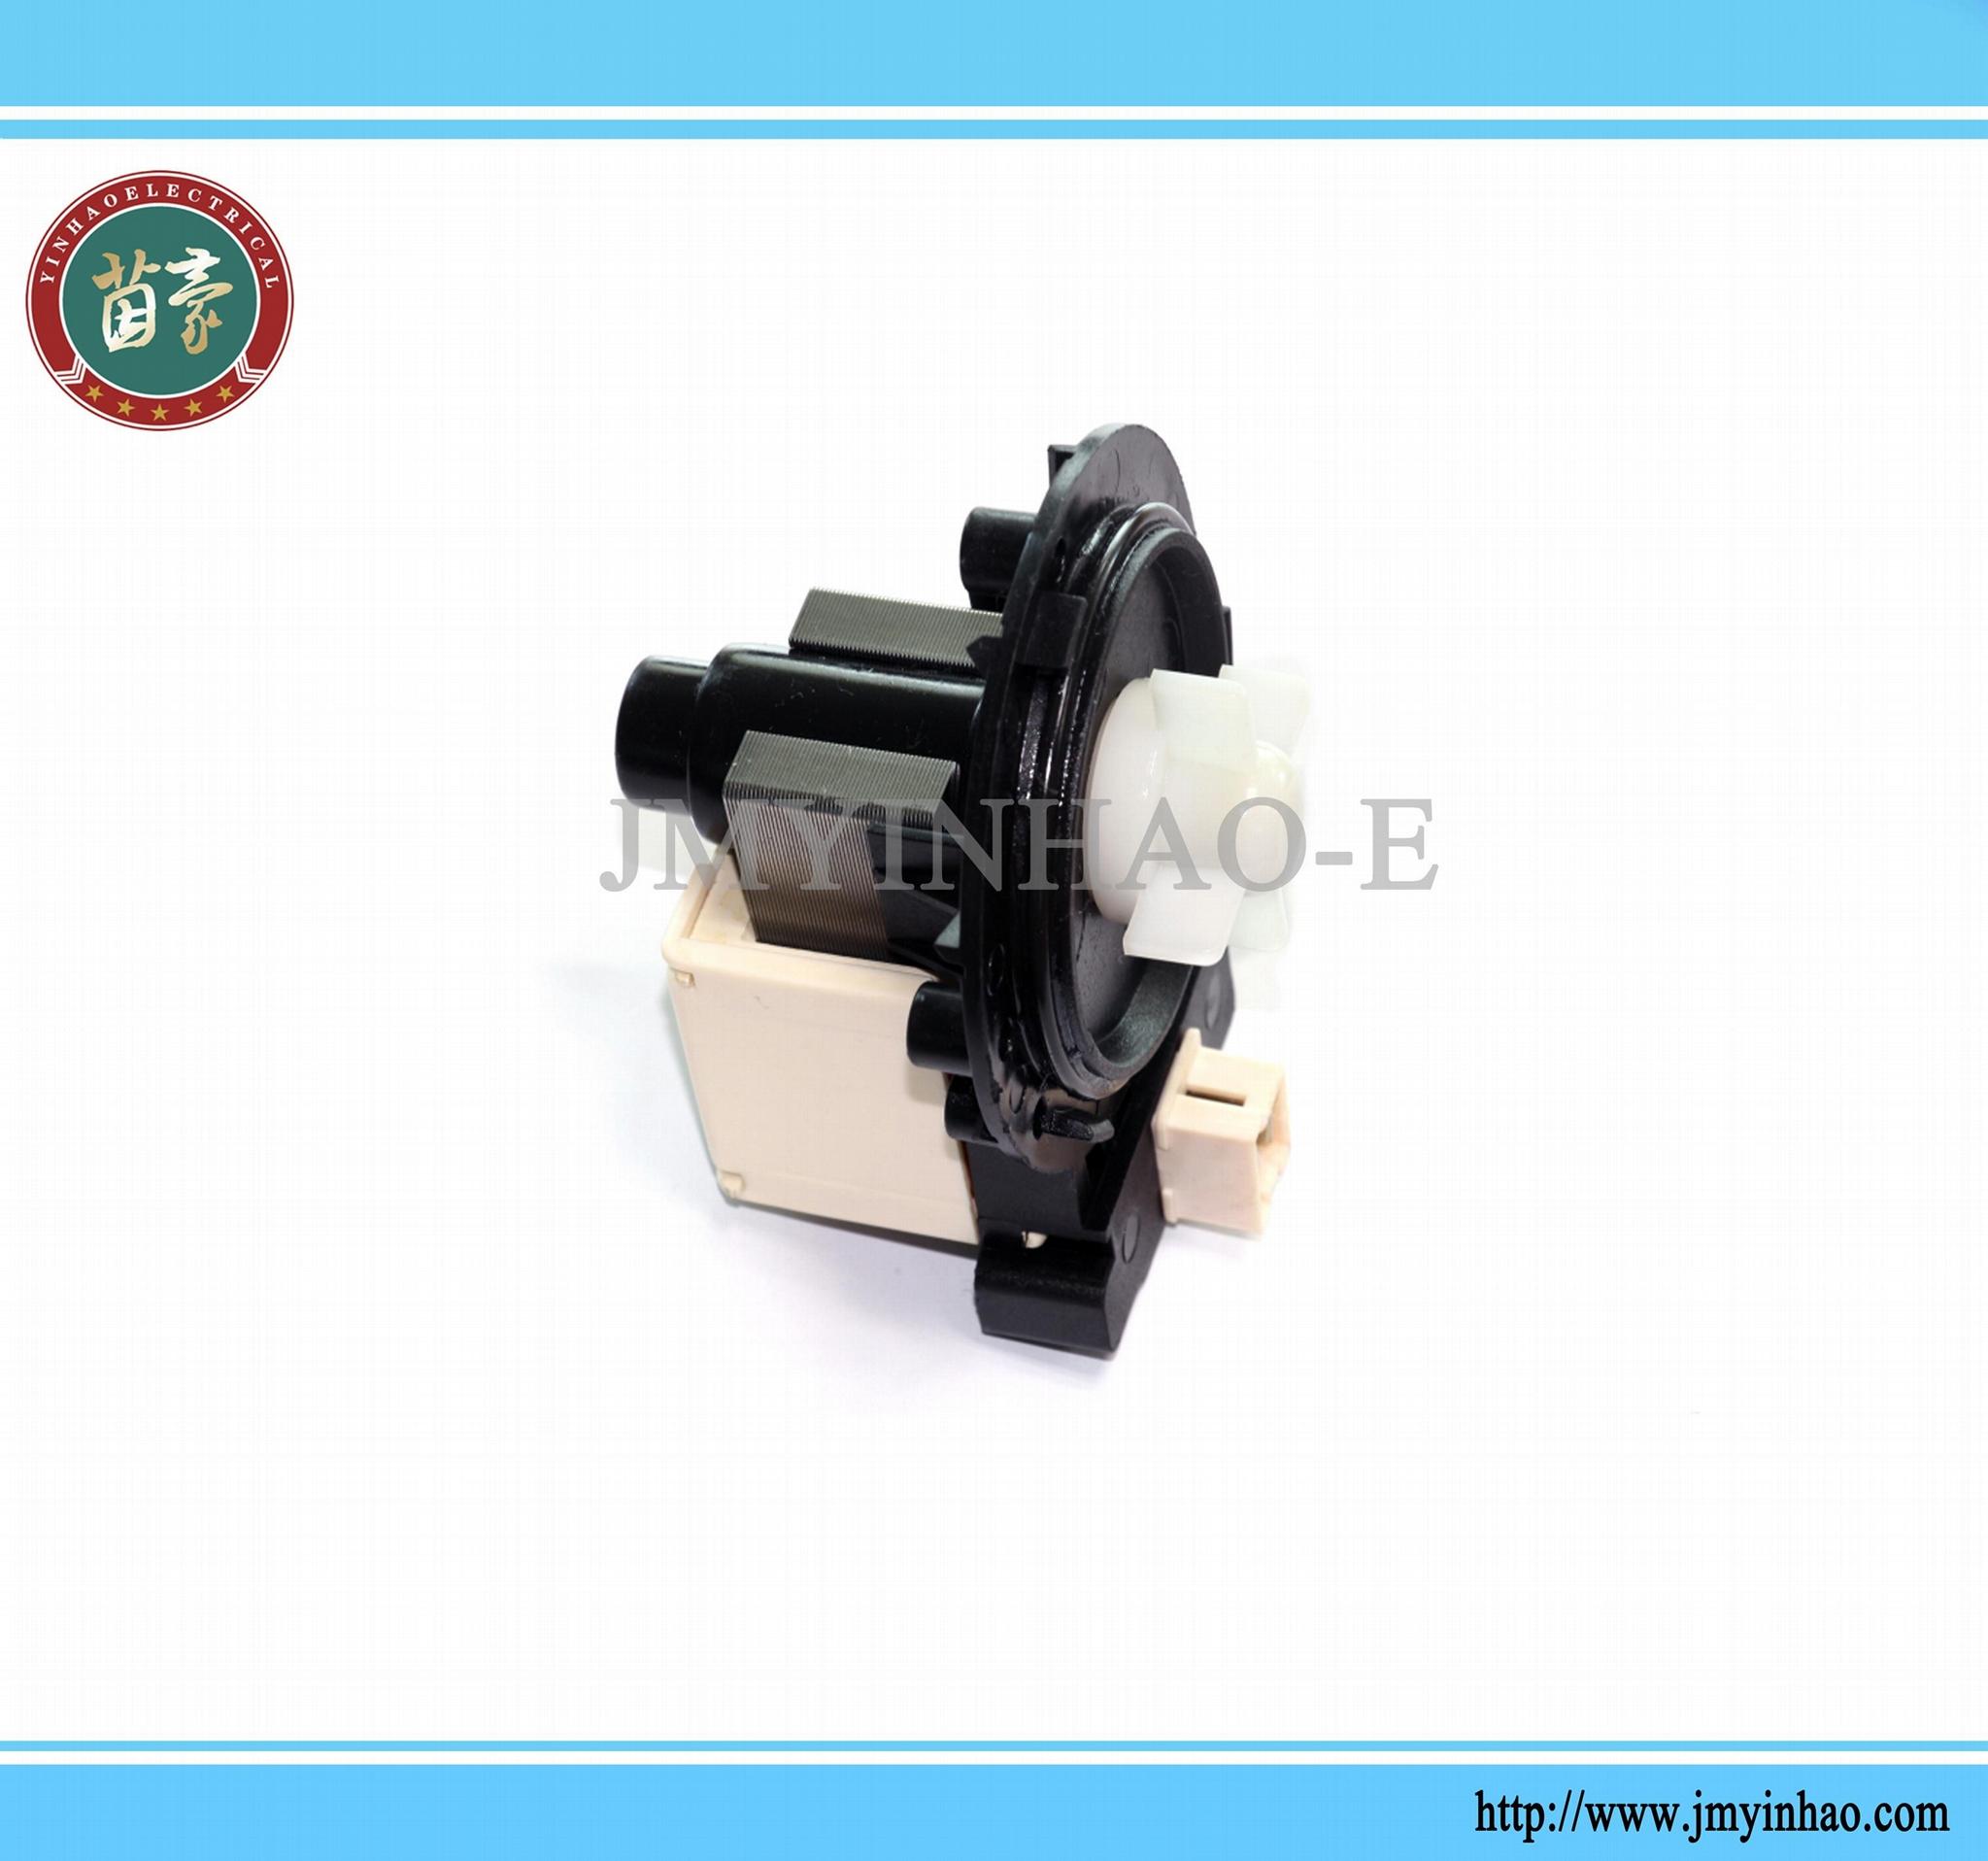 洗衣机配件/洗衣机排水泵 1